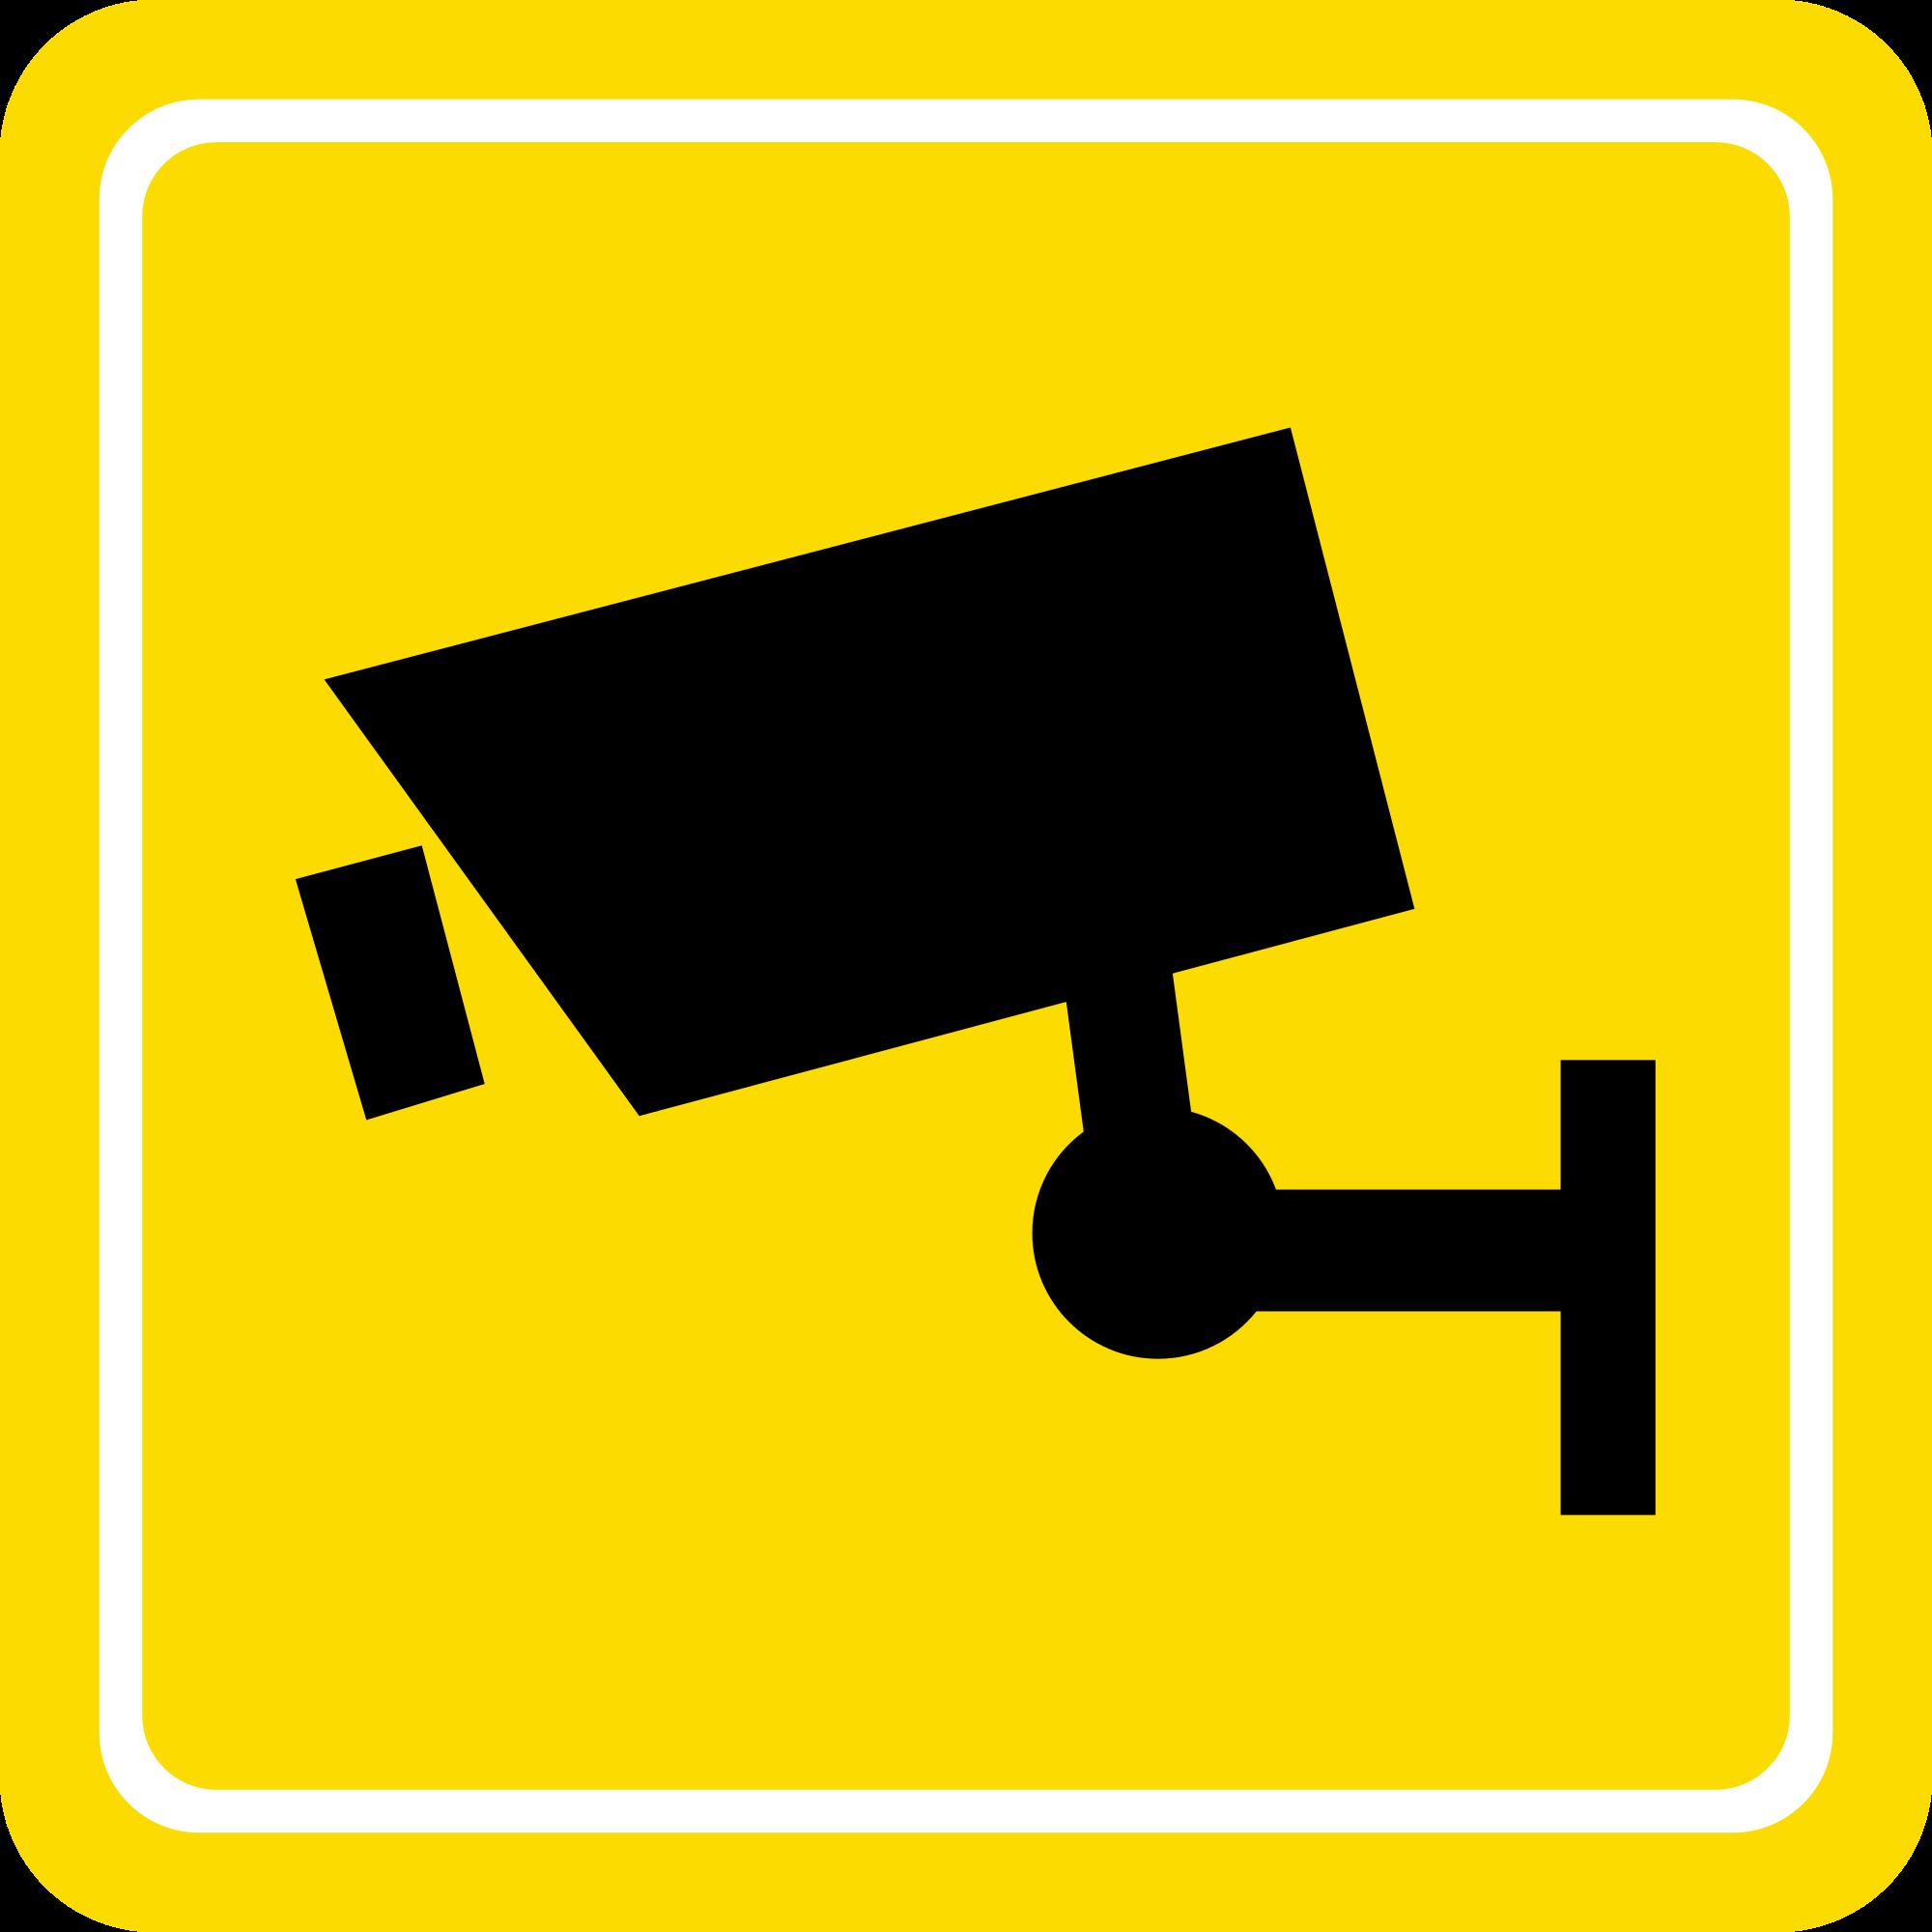 Mittel zur Überwachung: Die Kamera